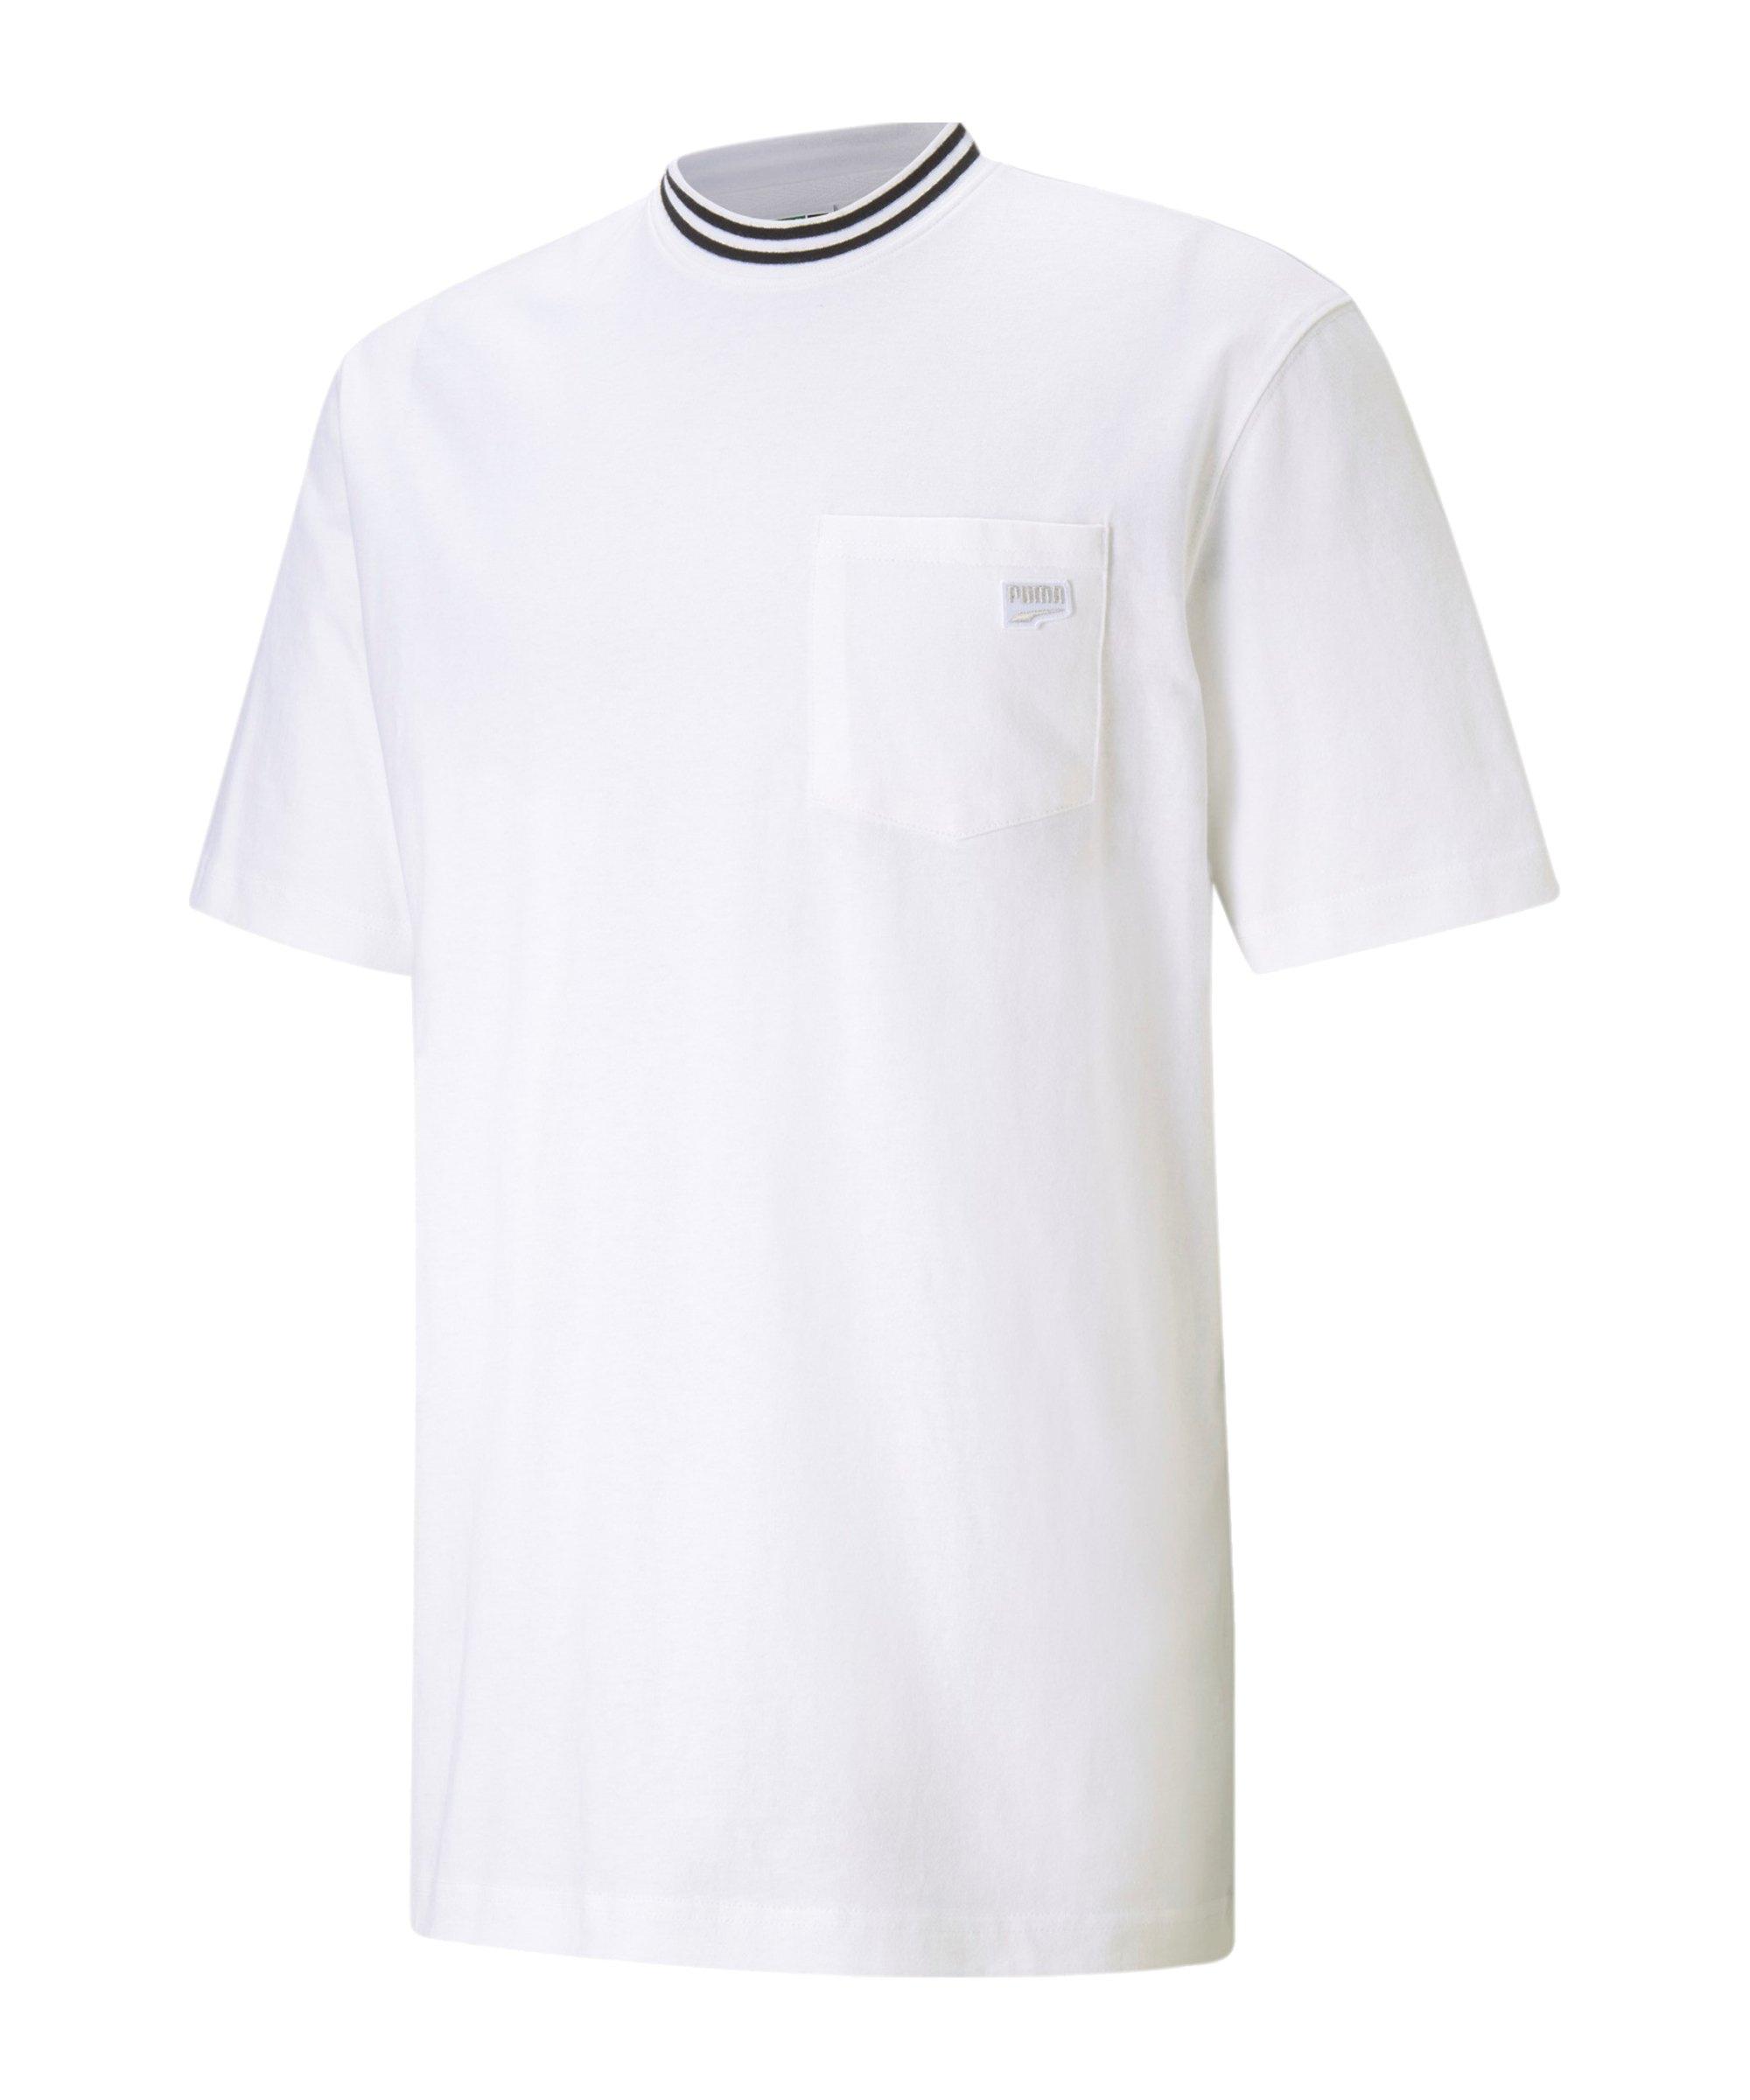 PUMA Downtown Pocket T-Shirt Weiss F02 - weiss